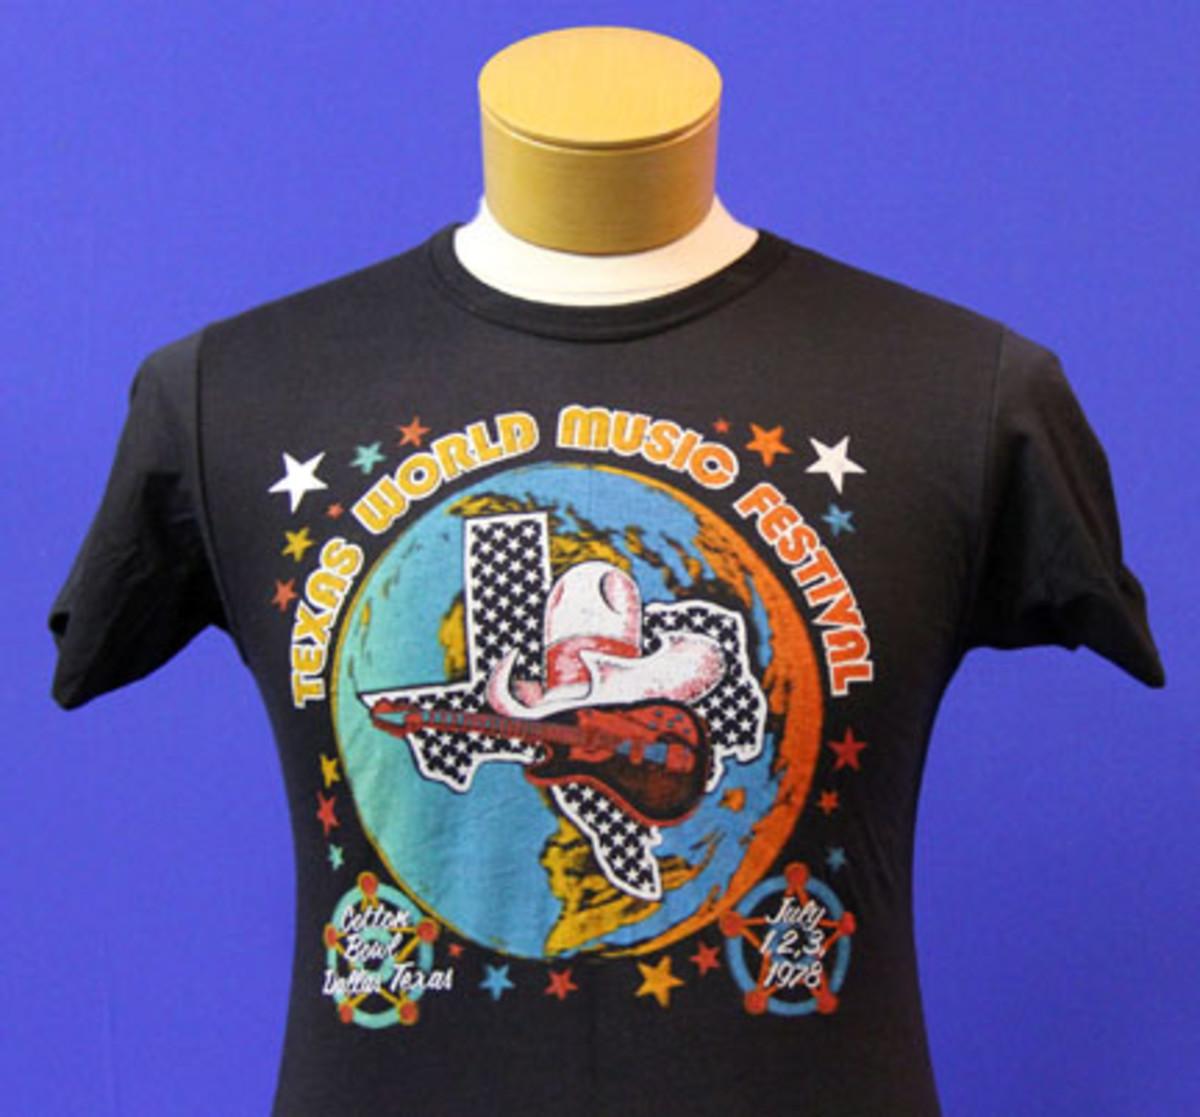 vintage concert t-shirt backstage auctions